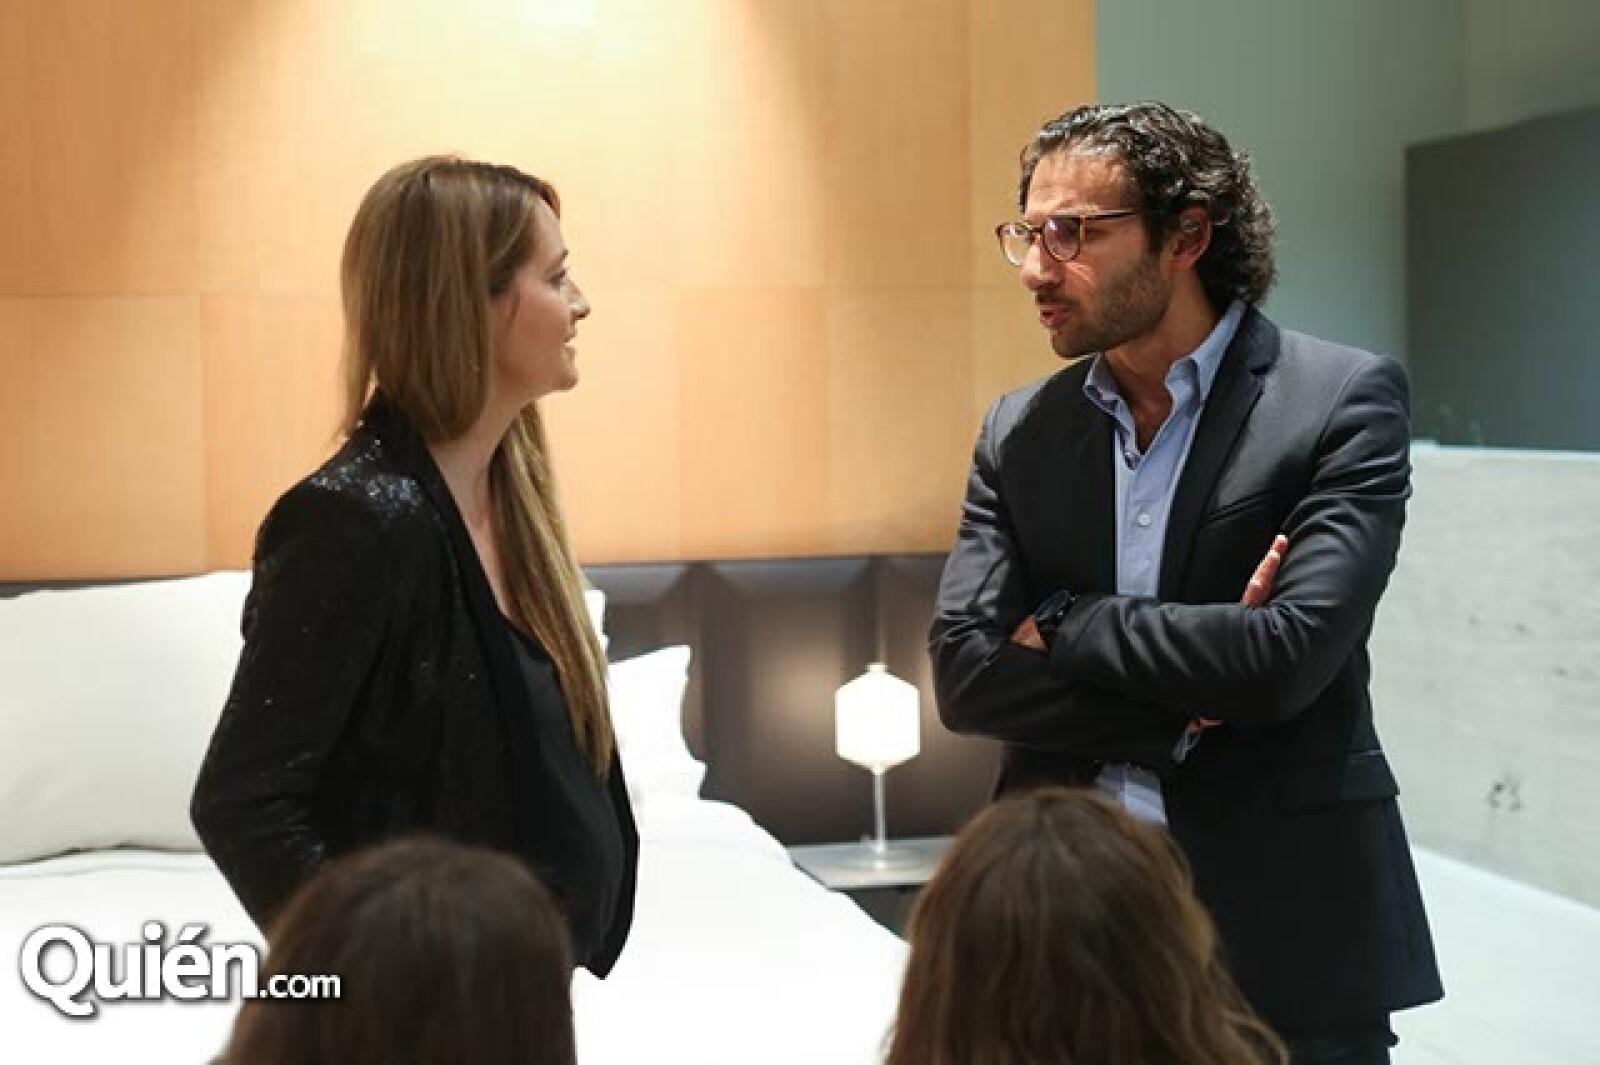 Sary Esses y Elias Levy